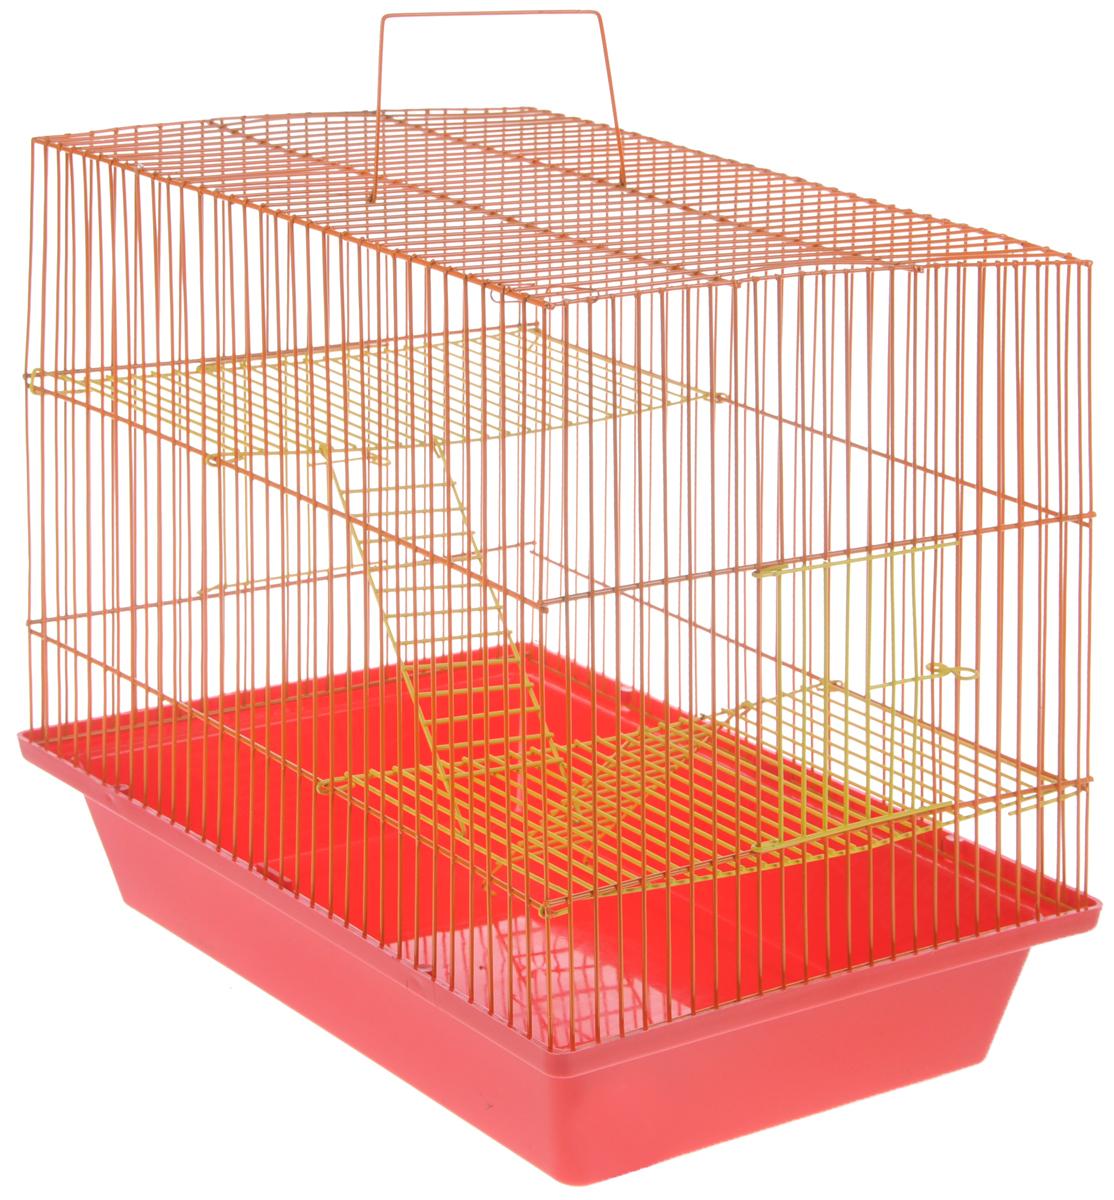 Клетка для грызунов ЗооМарк Гризли, 3-этажная, цвет: красный поддон, оранжевый решетка, желтые этажи, 41 х 30 х 36 см. 230ж0120710Клетка ЗооМарк Гризли, выполненная из полипропилена и металла, подходит для мелких грызунов. Изделие трехэтажное. Клетка имеет яркий поддон, удобна в использовании и легко чистится. Сверху имеется ручка для переноски.Такая клетка станет уединенным личным пространством и уютным домиком для маленького грызуна.